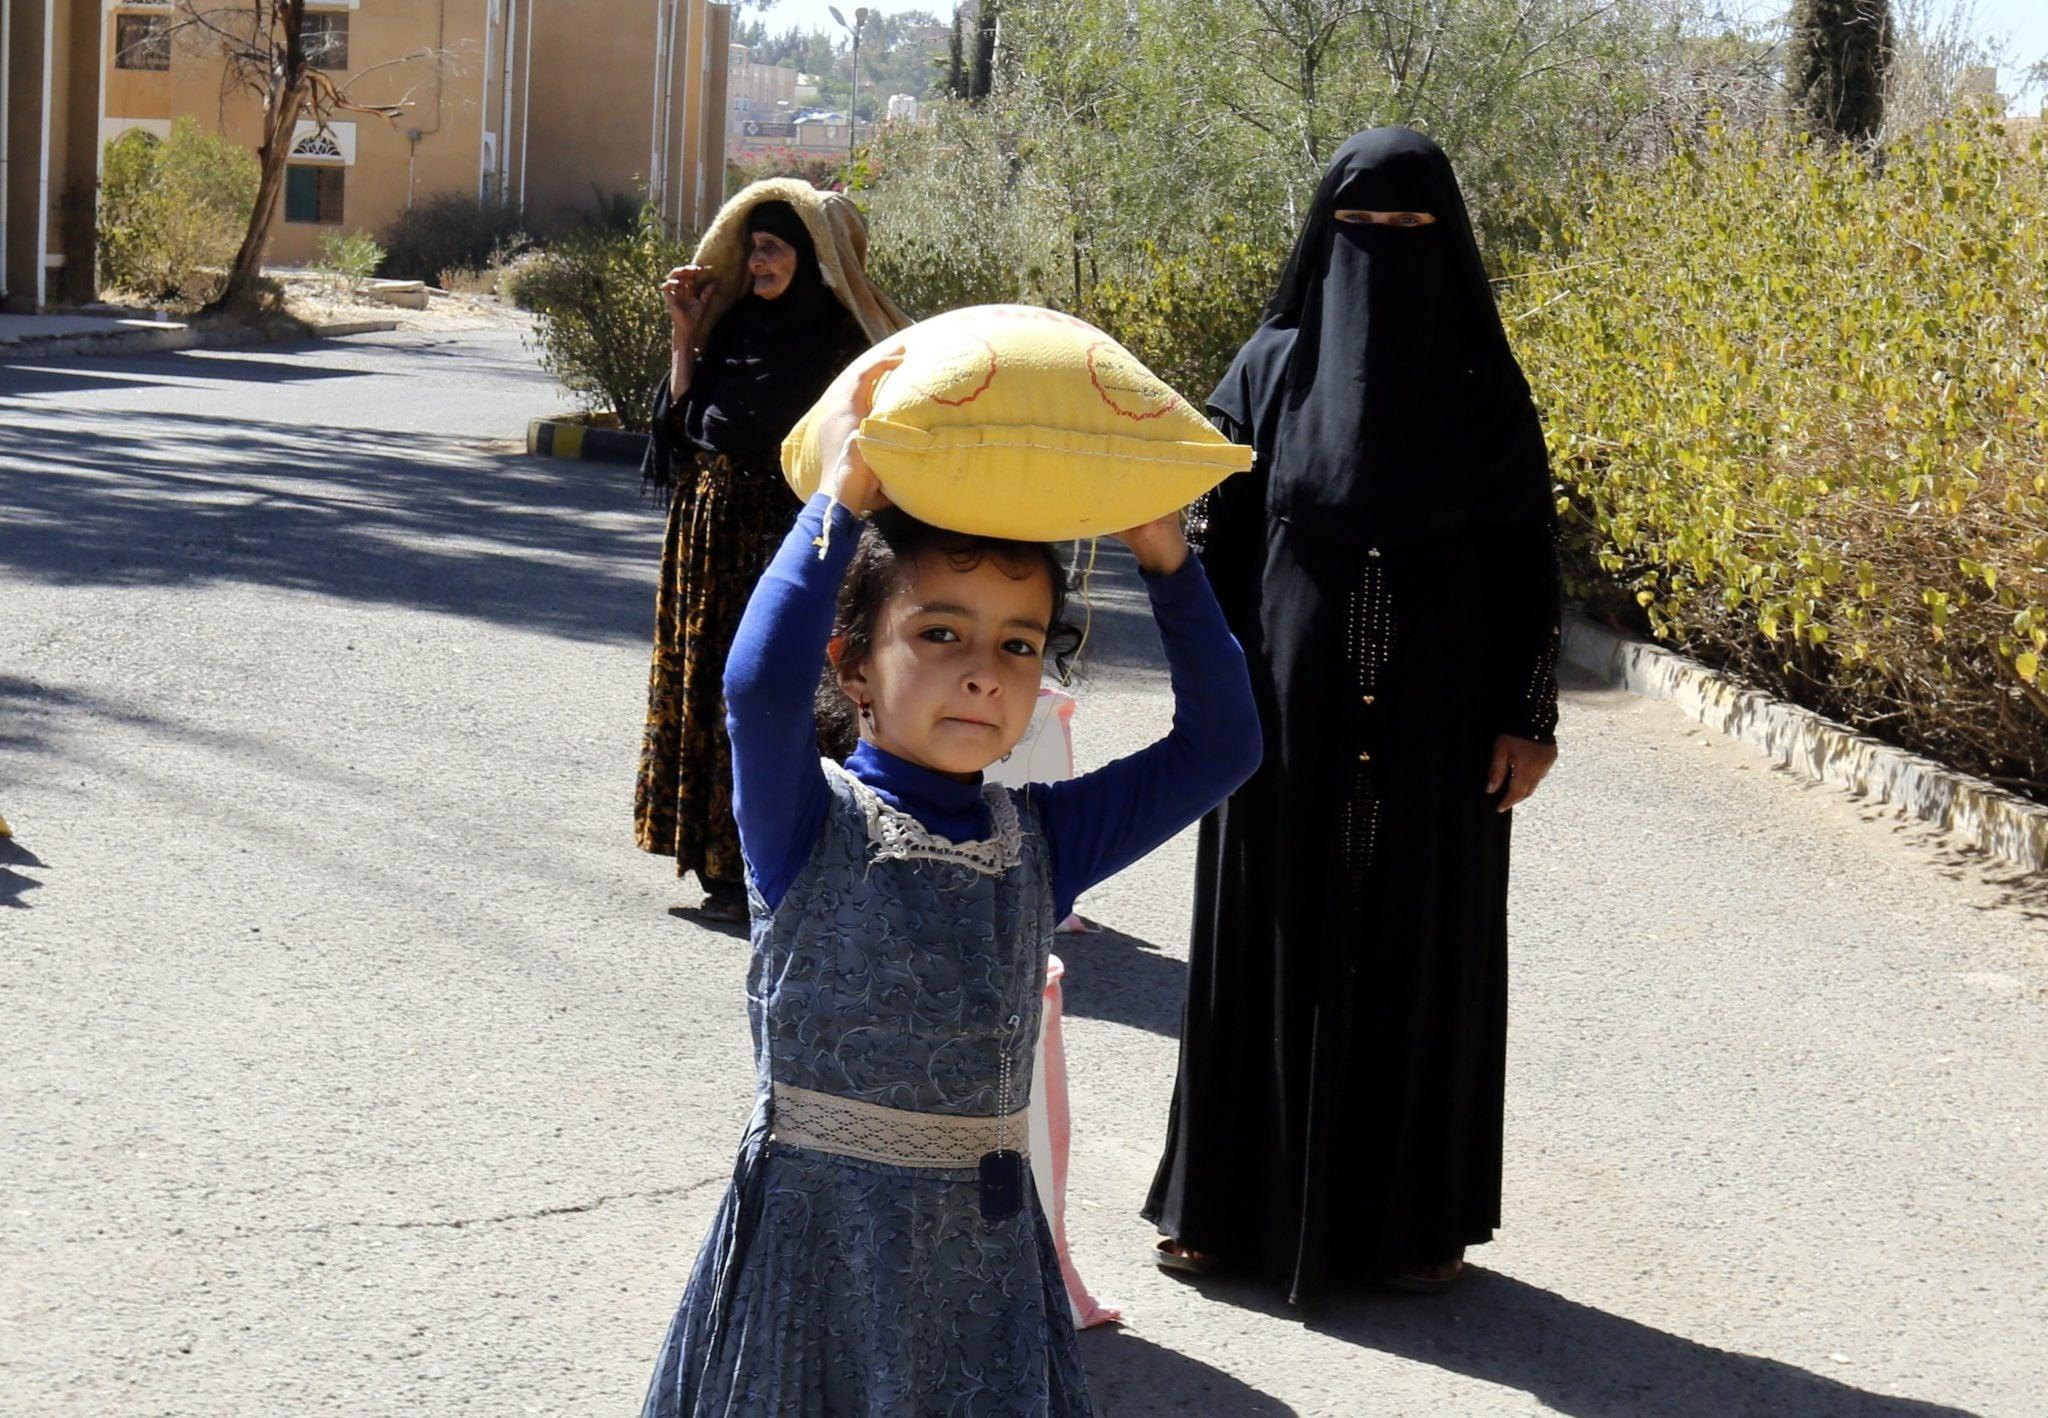 Jemen: dziecko jemenickich Żydów niesie racje żywnościowe otrzymane od organizacji Mona Relief Yemen w Sanie, obszarze pod kontrolą jemenickiego wojska. Społeczność ta, pomimo izraelskich operacji z 1948 roku liczy do dziś na obszarze Sany 67 Żydów z 17 rodzin, fot: Yahya Arhab, PAP/EPA